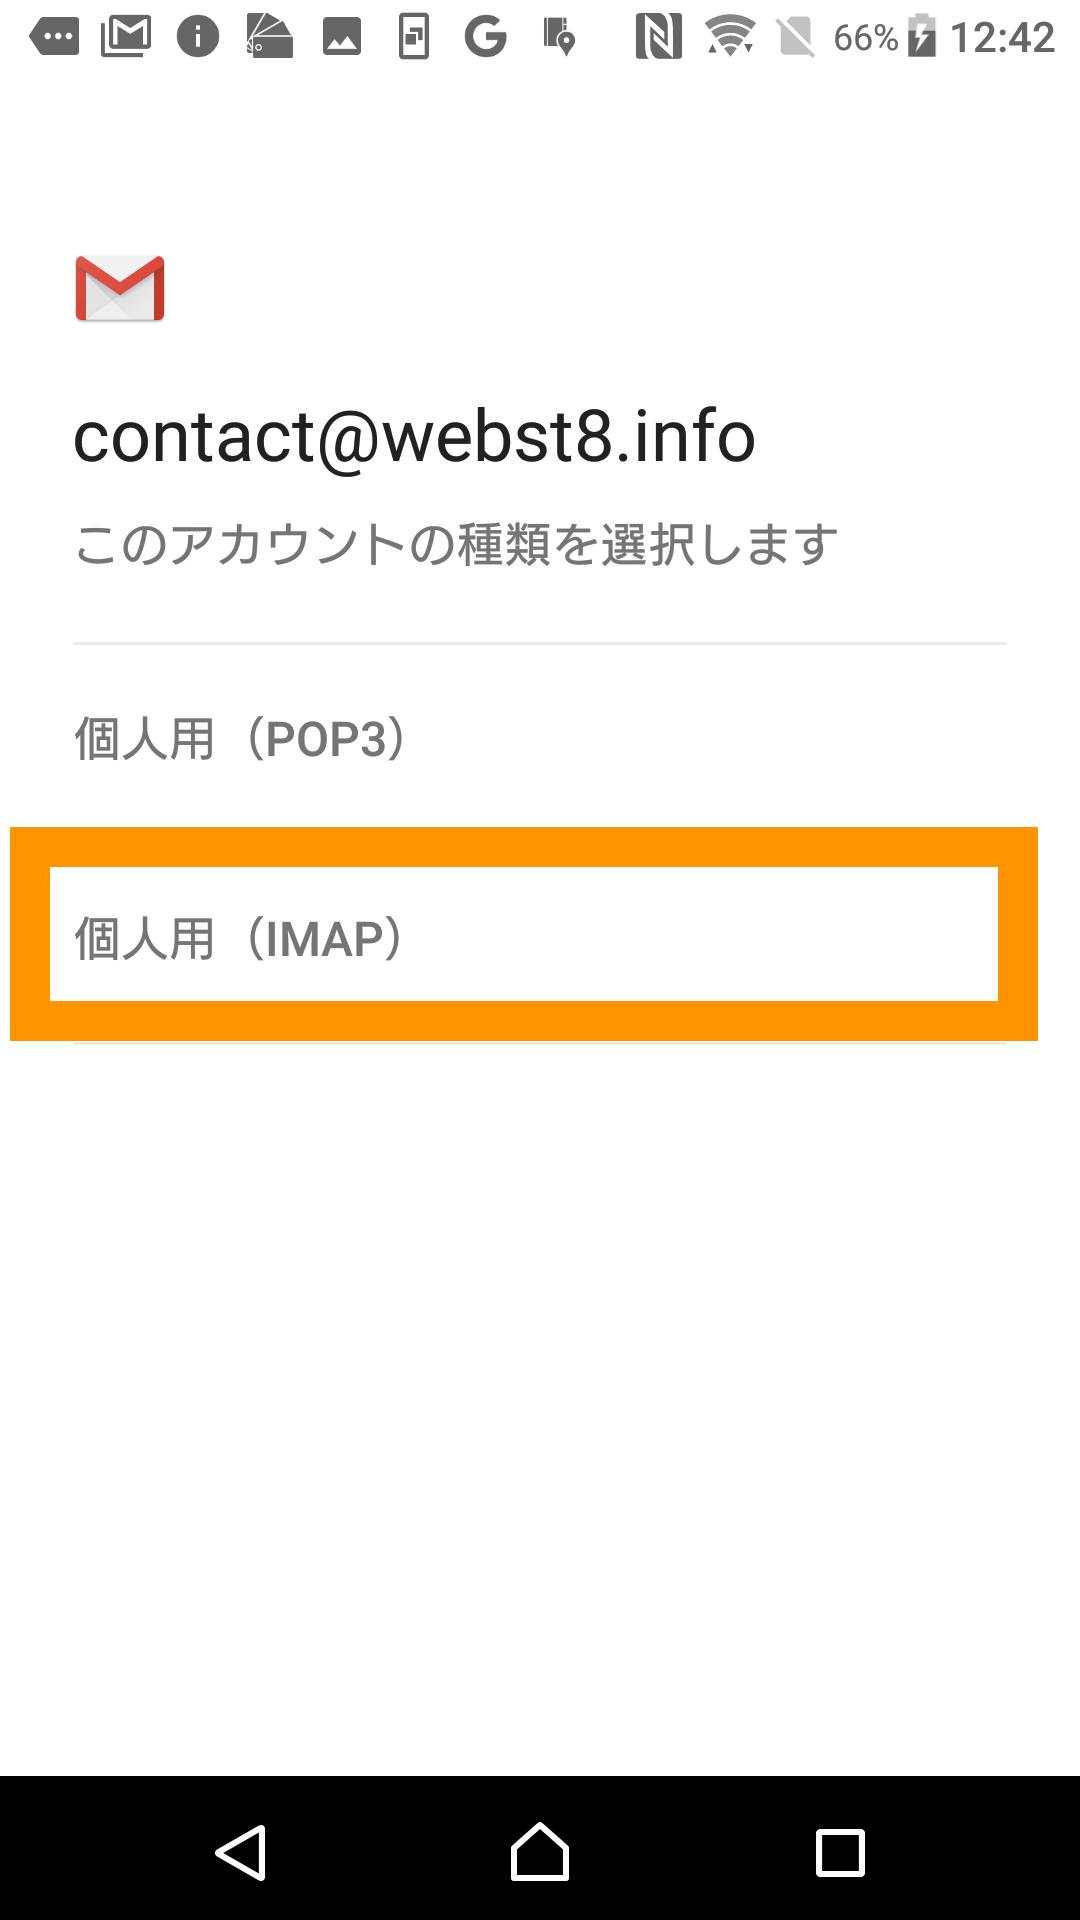 個人用 (IMAP)を選択